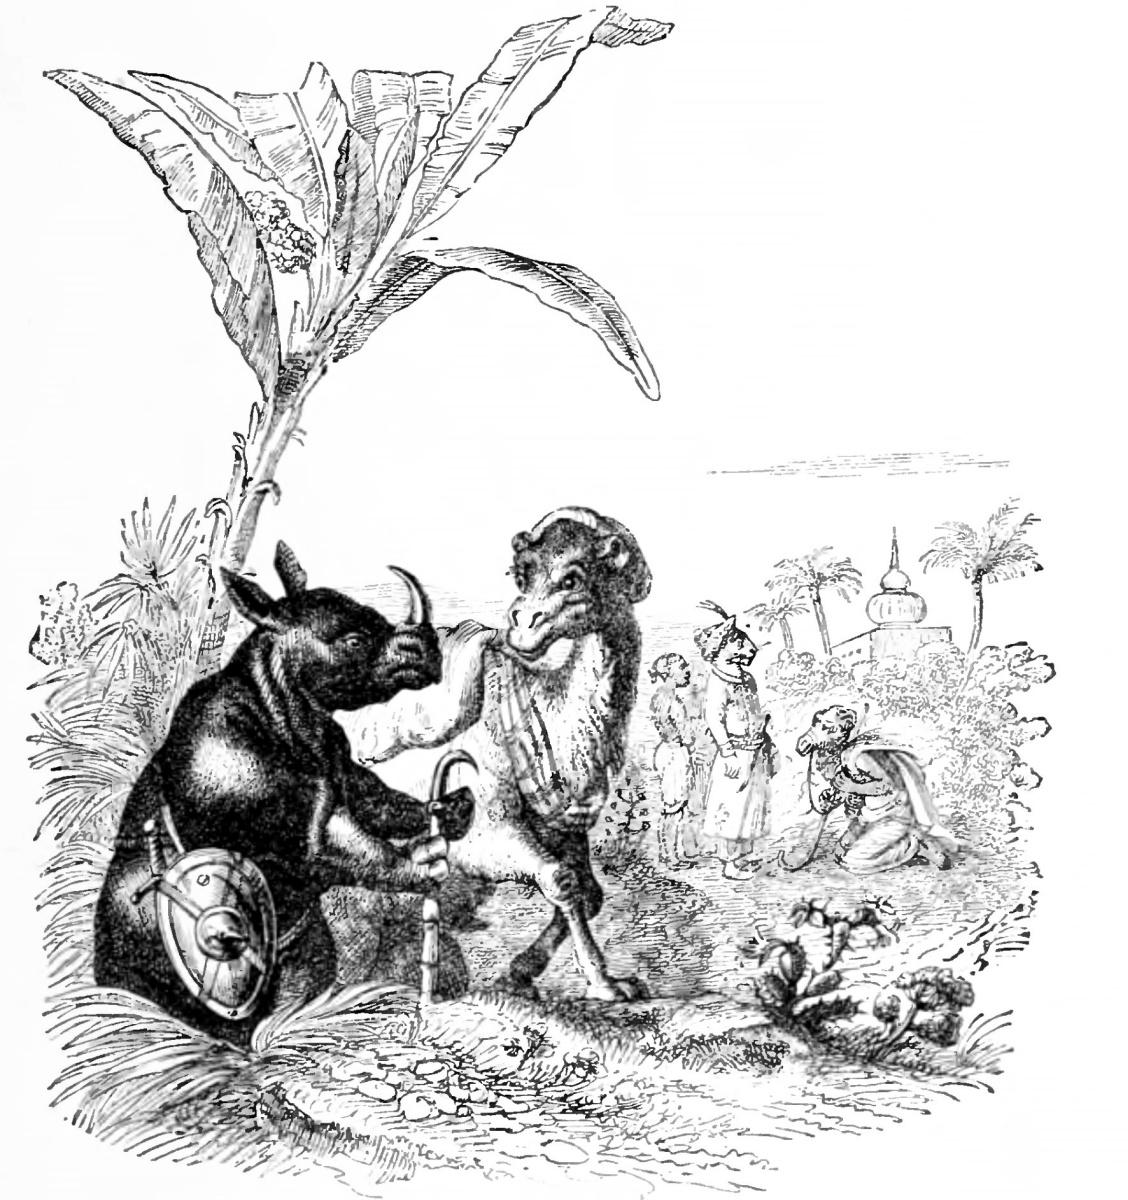 Жан Иньяс Изидор (Жерар) Гранвиль. Верблюд и Носорог. Иллюстрации к басням Флориана